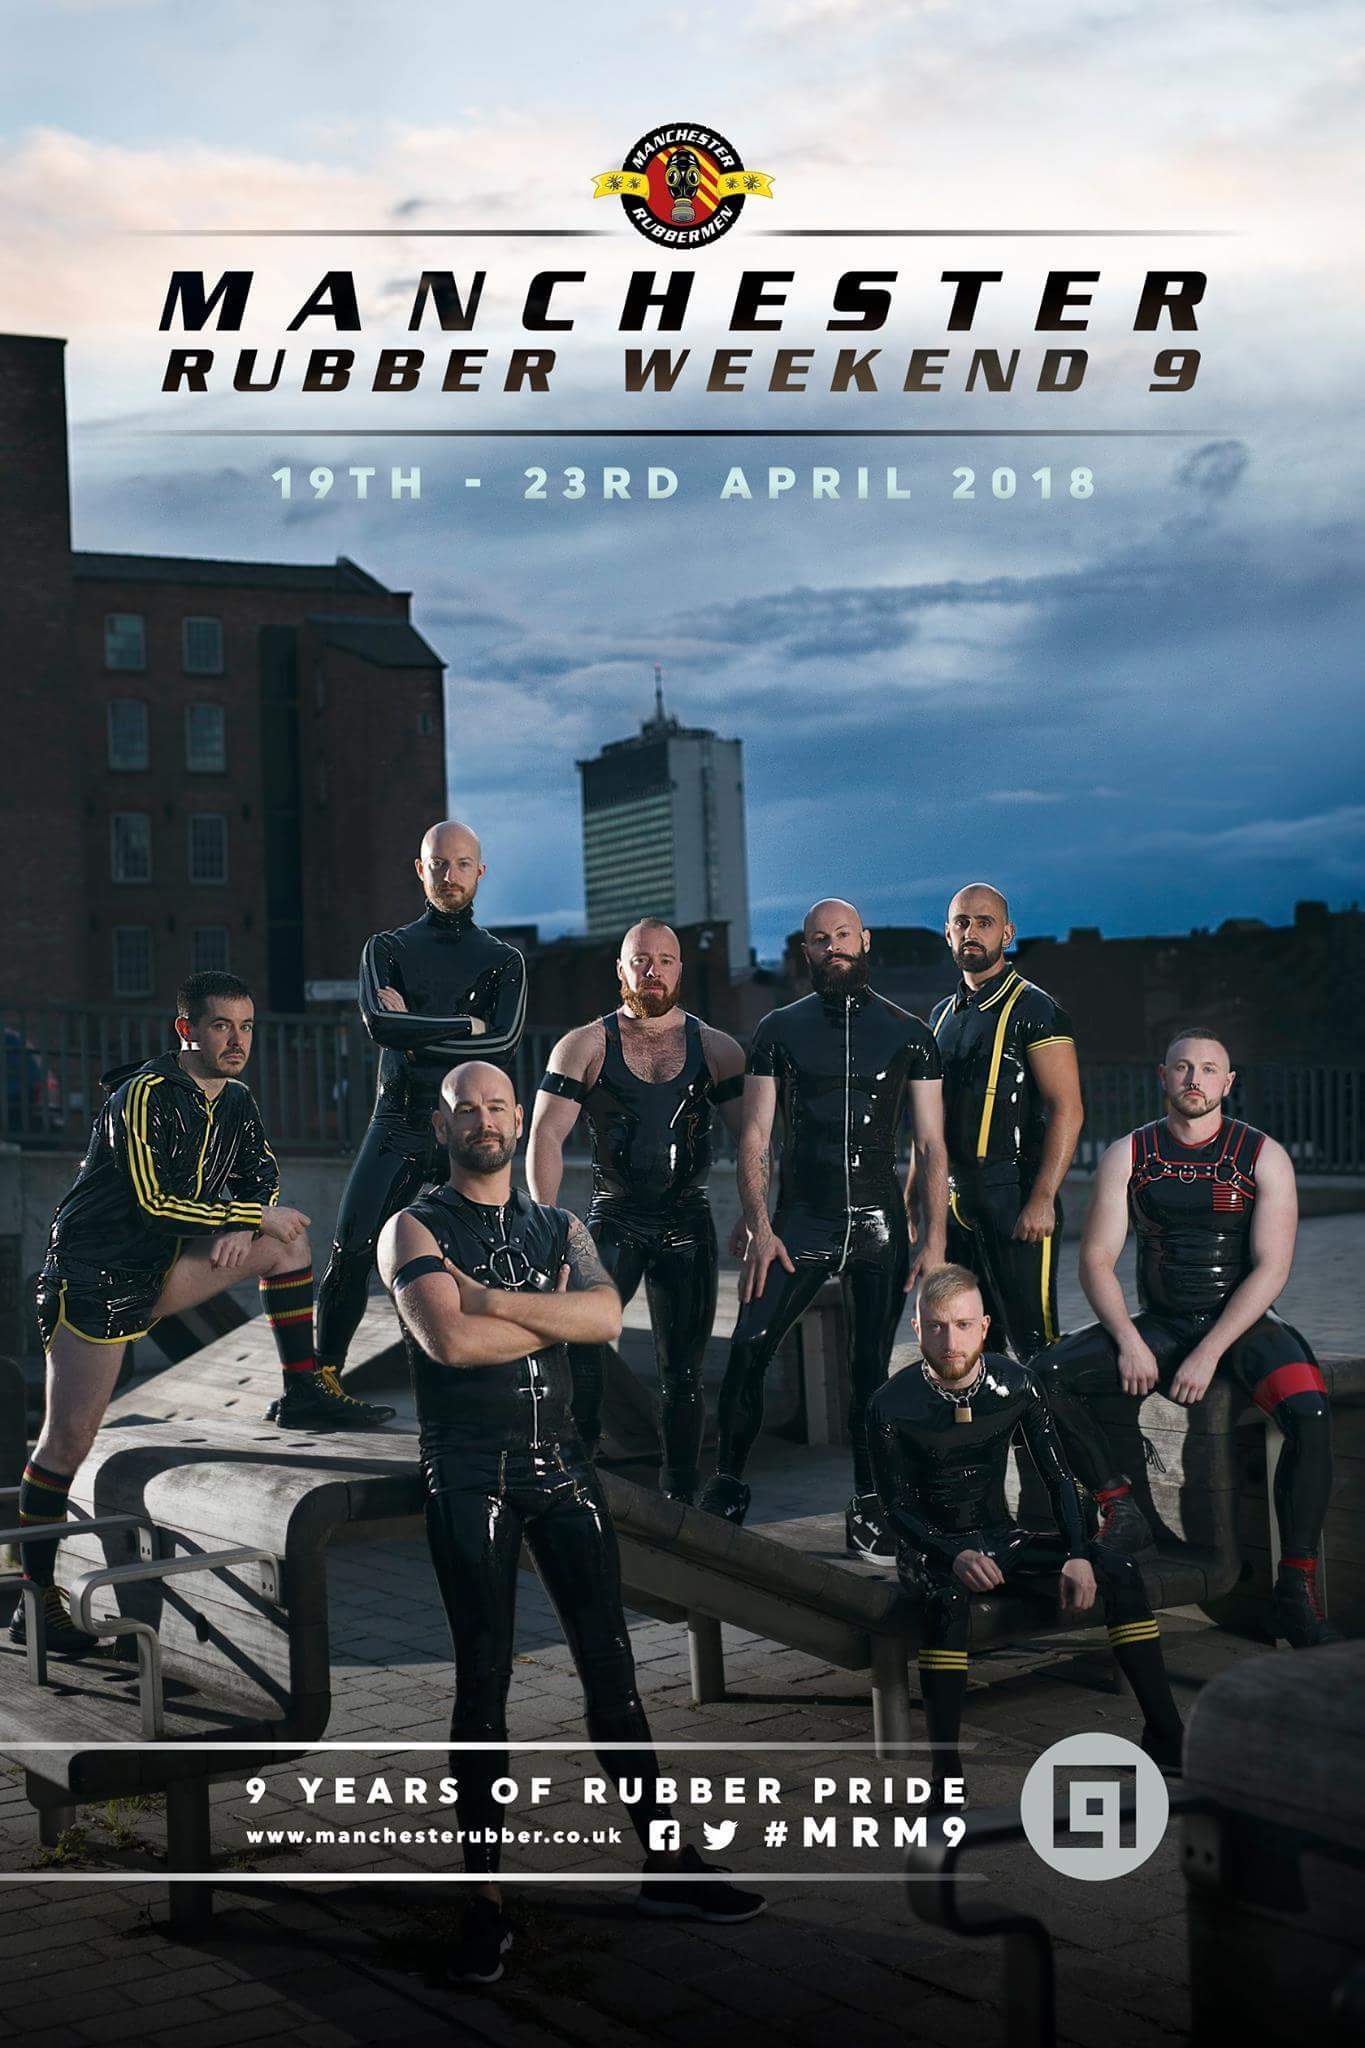 Manchester Rubber Weekend